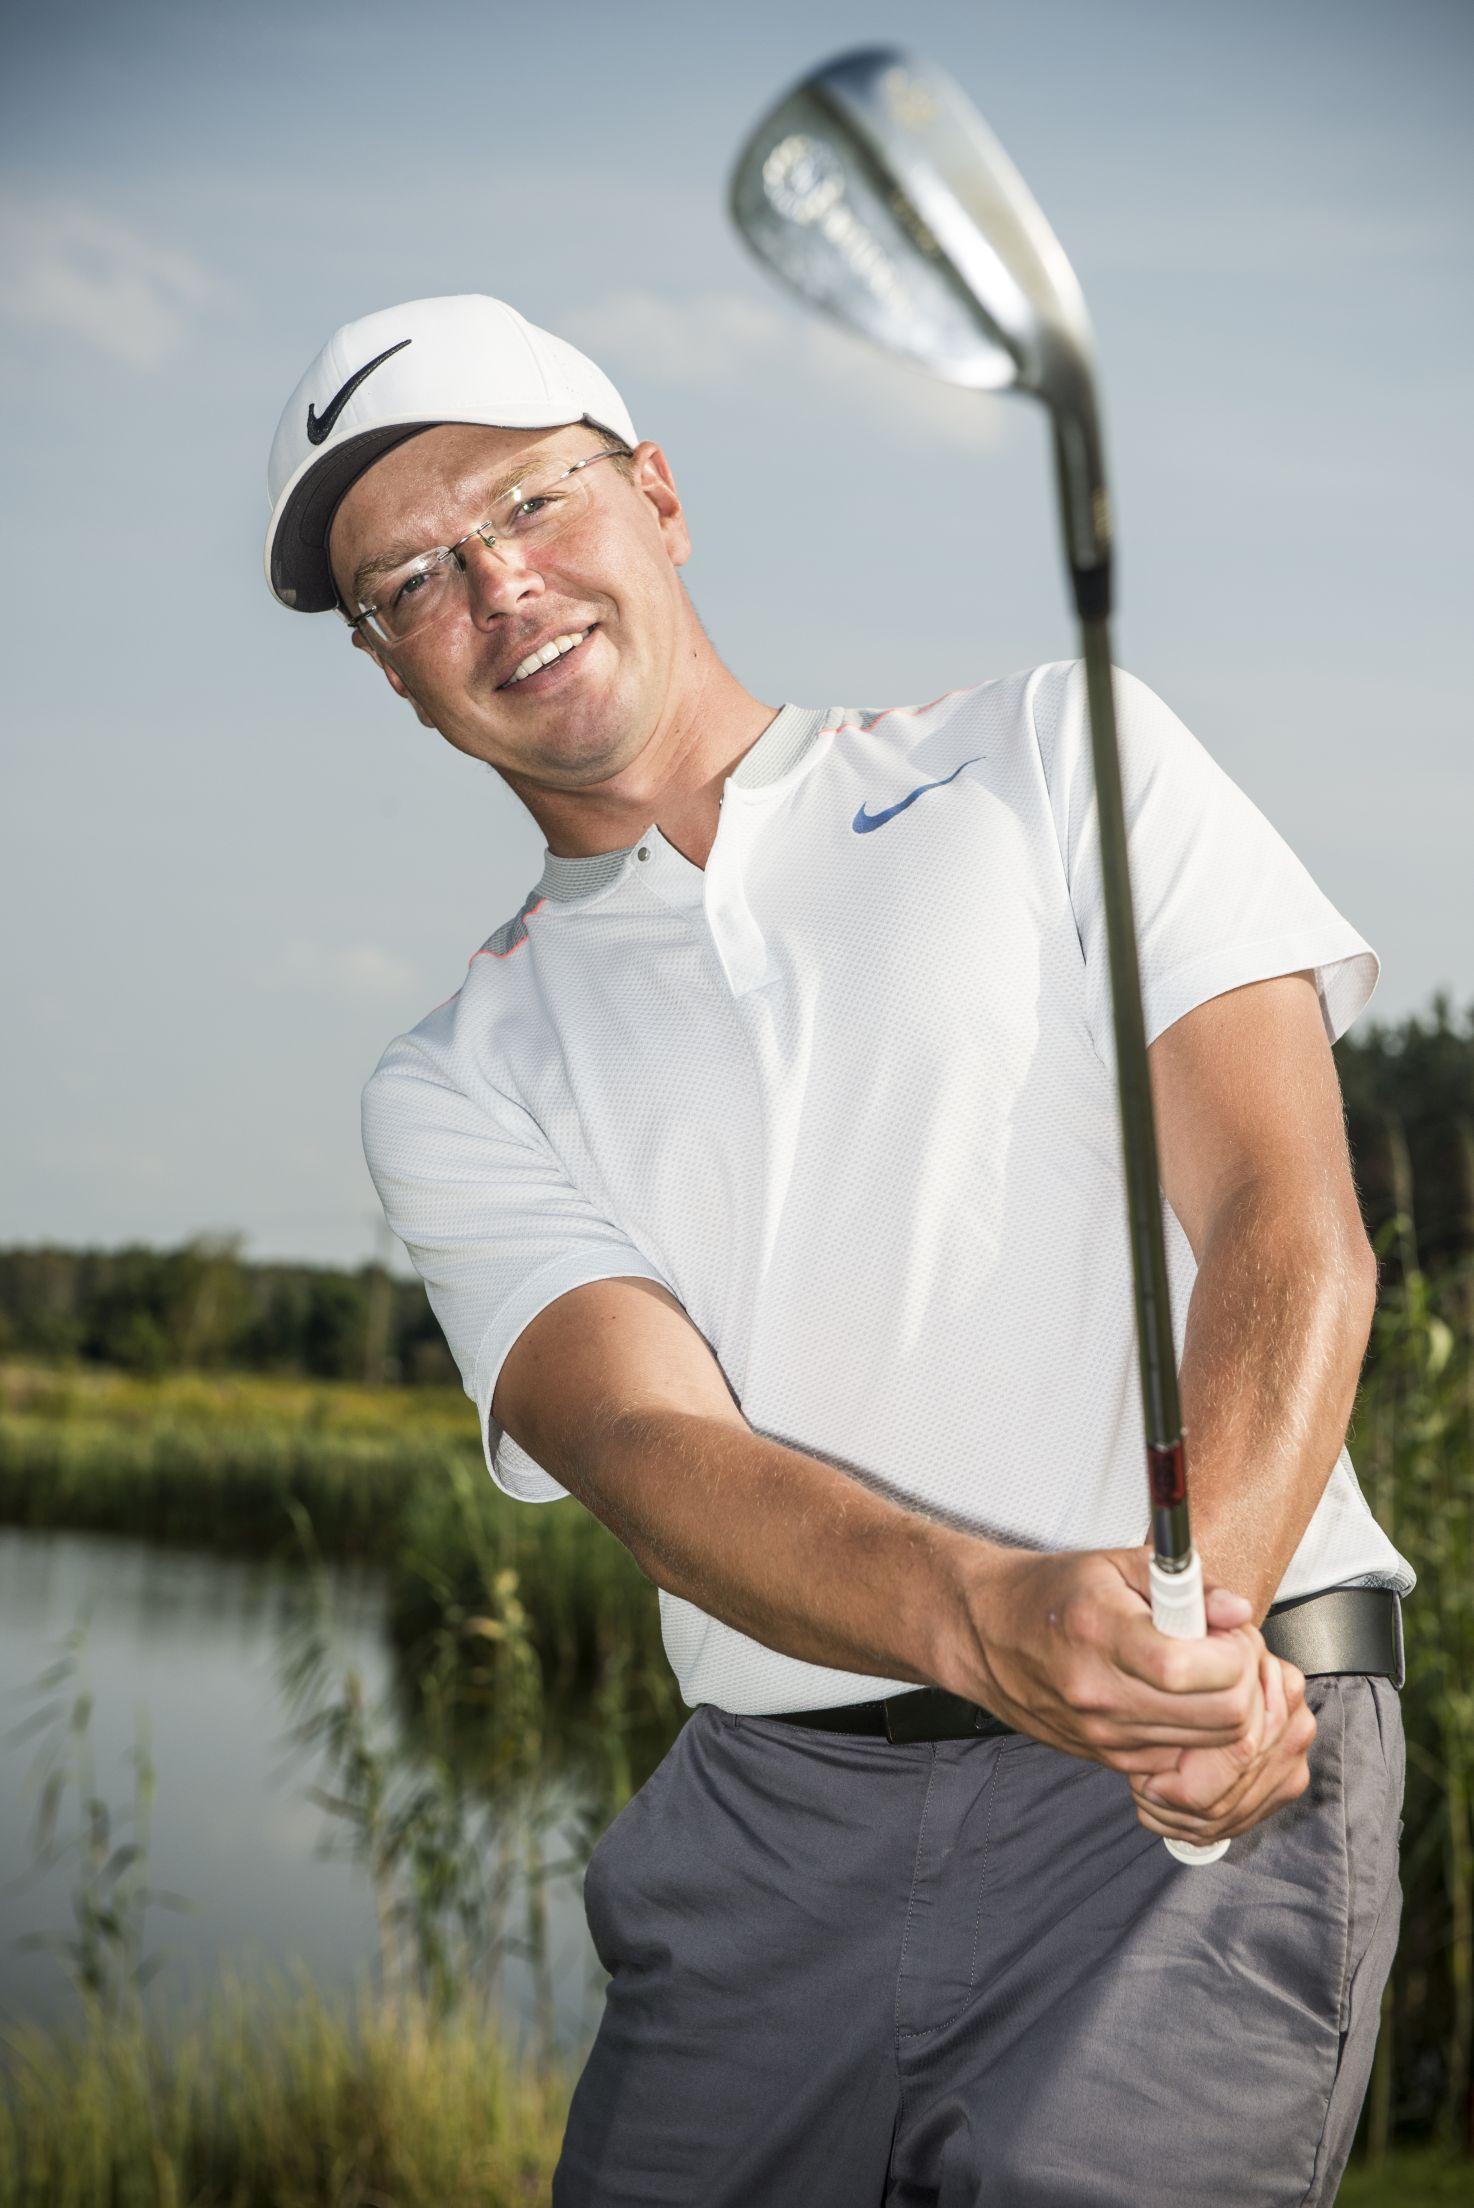 Adam Mitukiewicz - Trener i członek Zarządu PGA Polska, Fully Qualified PGA Golf Professional